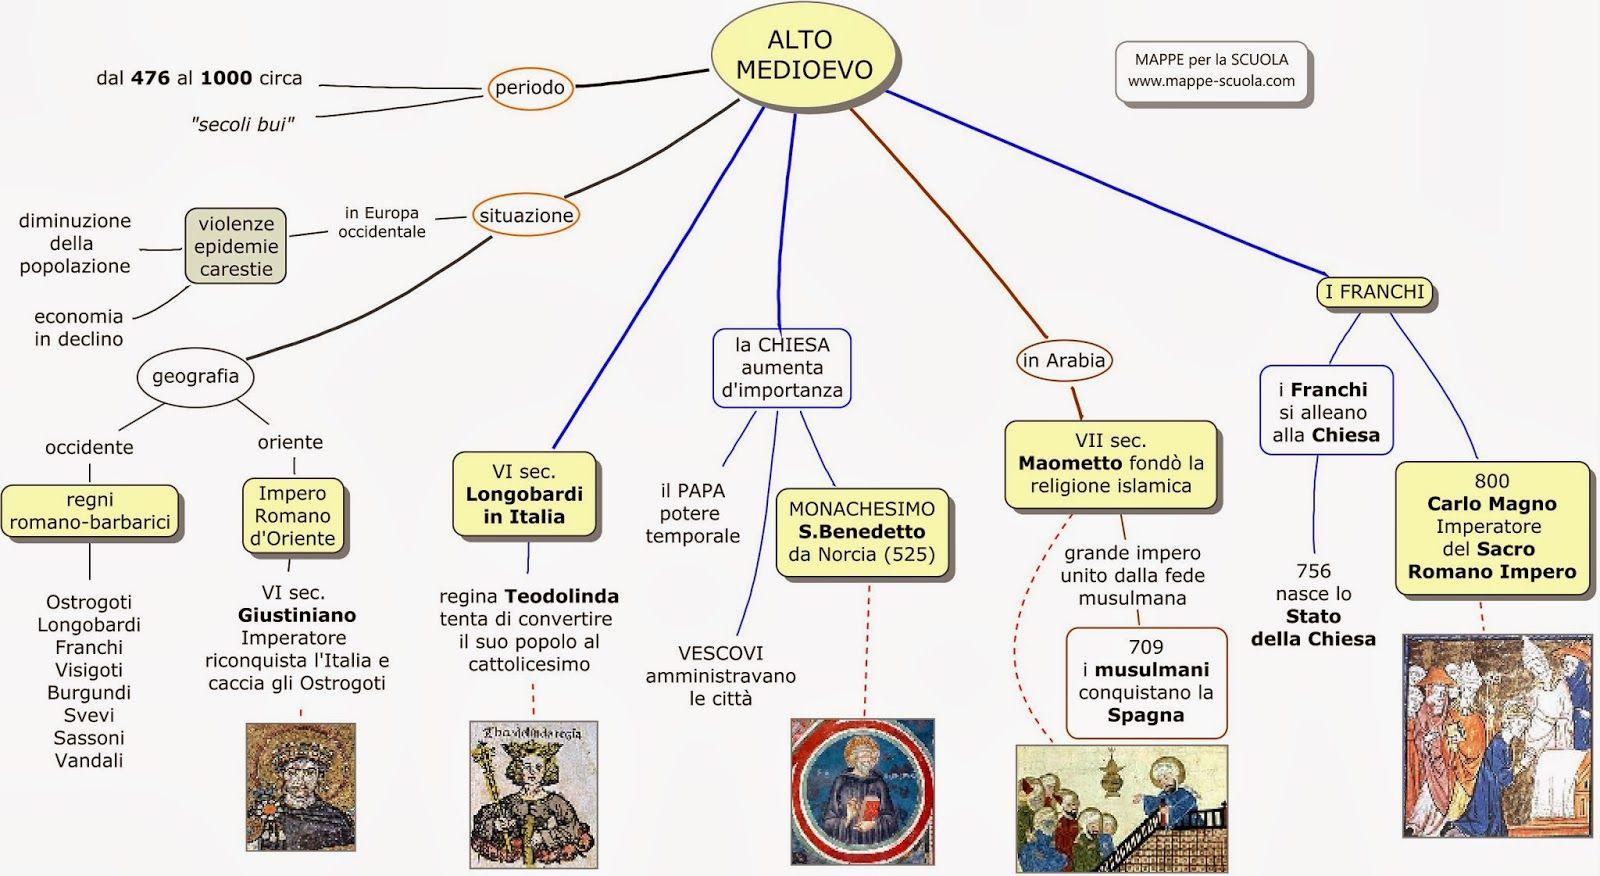 Amato MAPPE per la SCUOLA: ALTO MEDIOEVO | Italiano | Pinterest  XD06